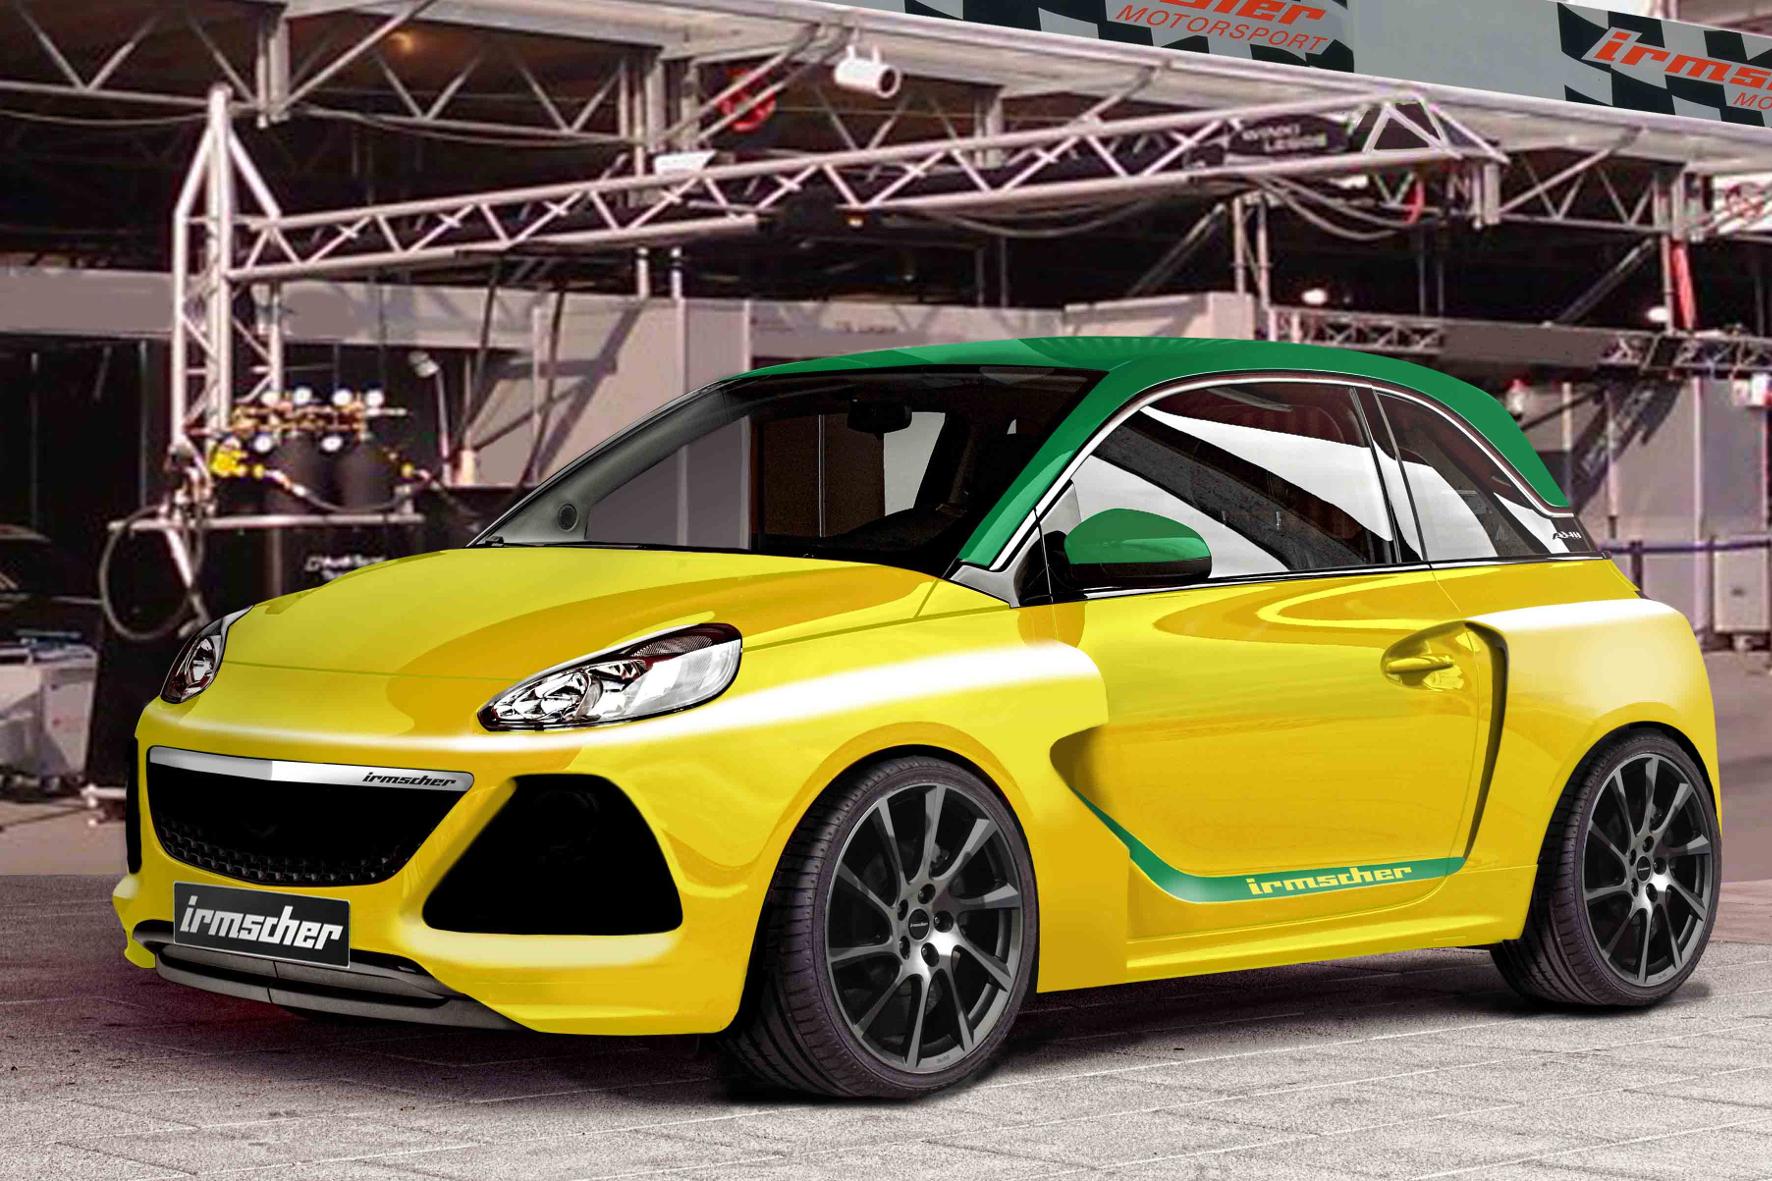 mid Groß-Gerau - Grün und gelb: In den Traditionsfarben des Tuners Irmscher leuchtet das neue Konzeptauto. Der Opel Adam soll auf 125 kW/170 PS erstarken und auch sonst eine gute Figur abgeben.